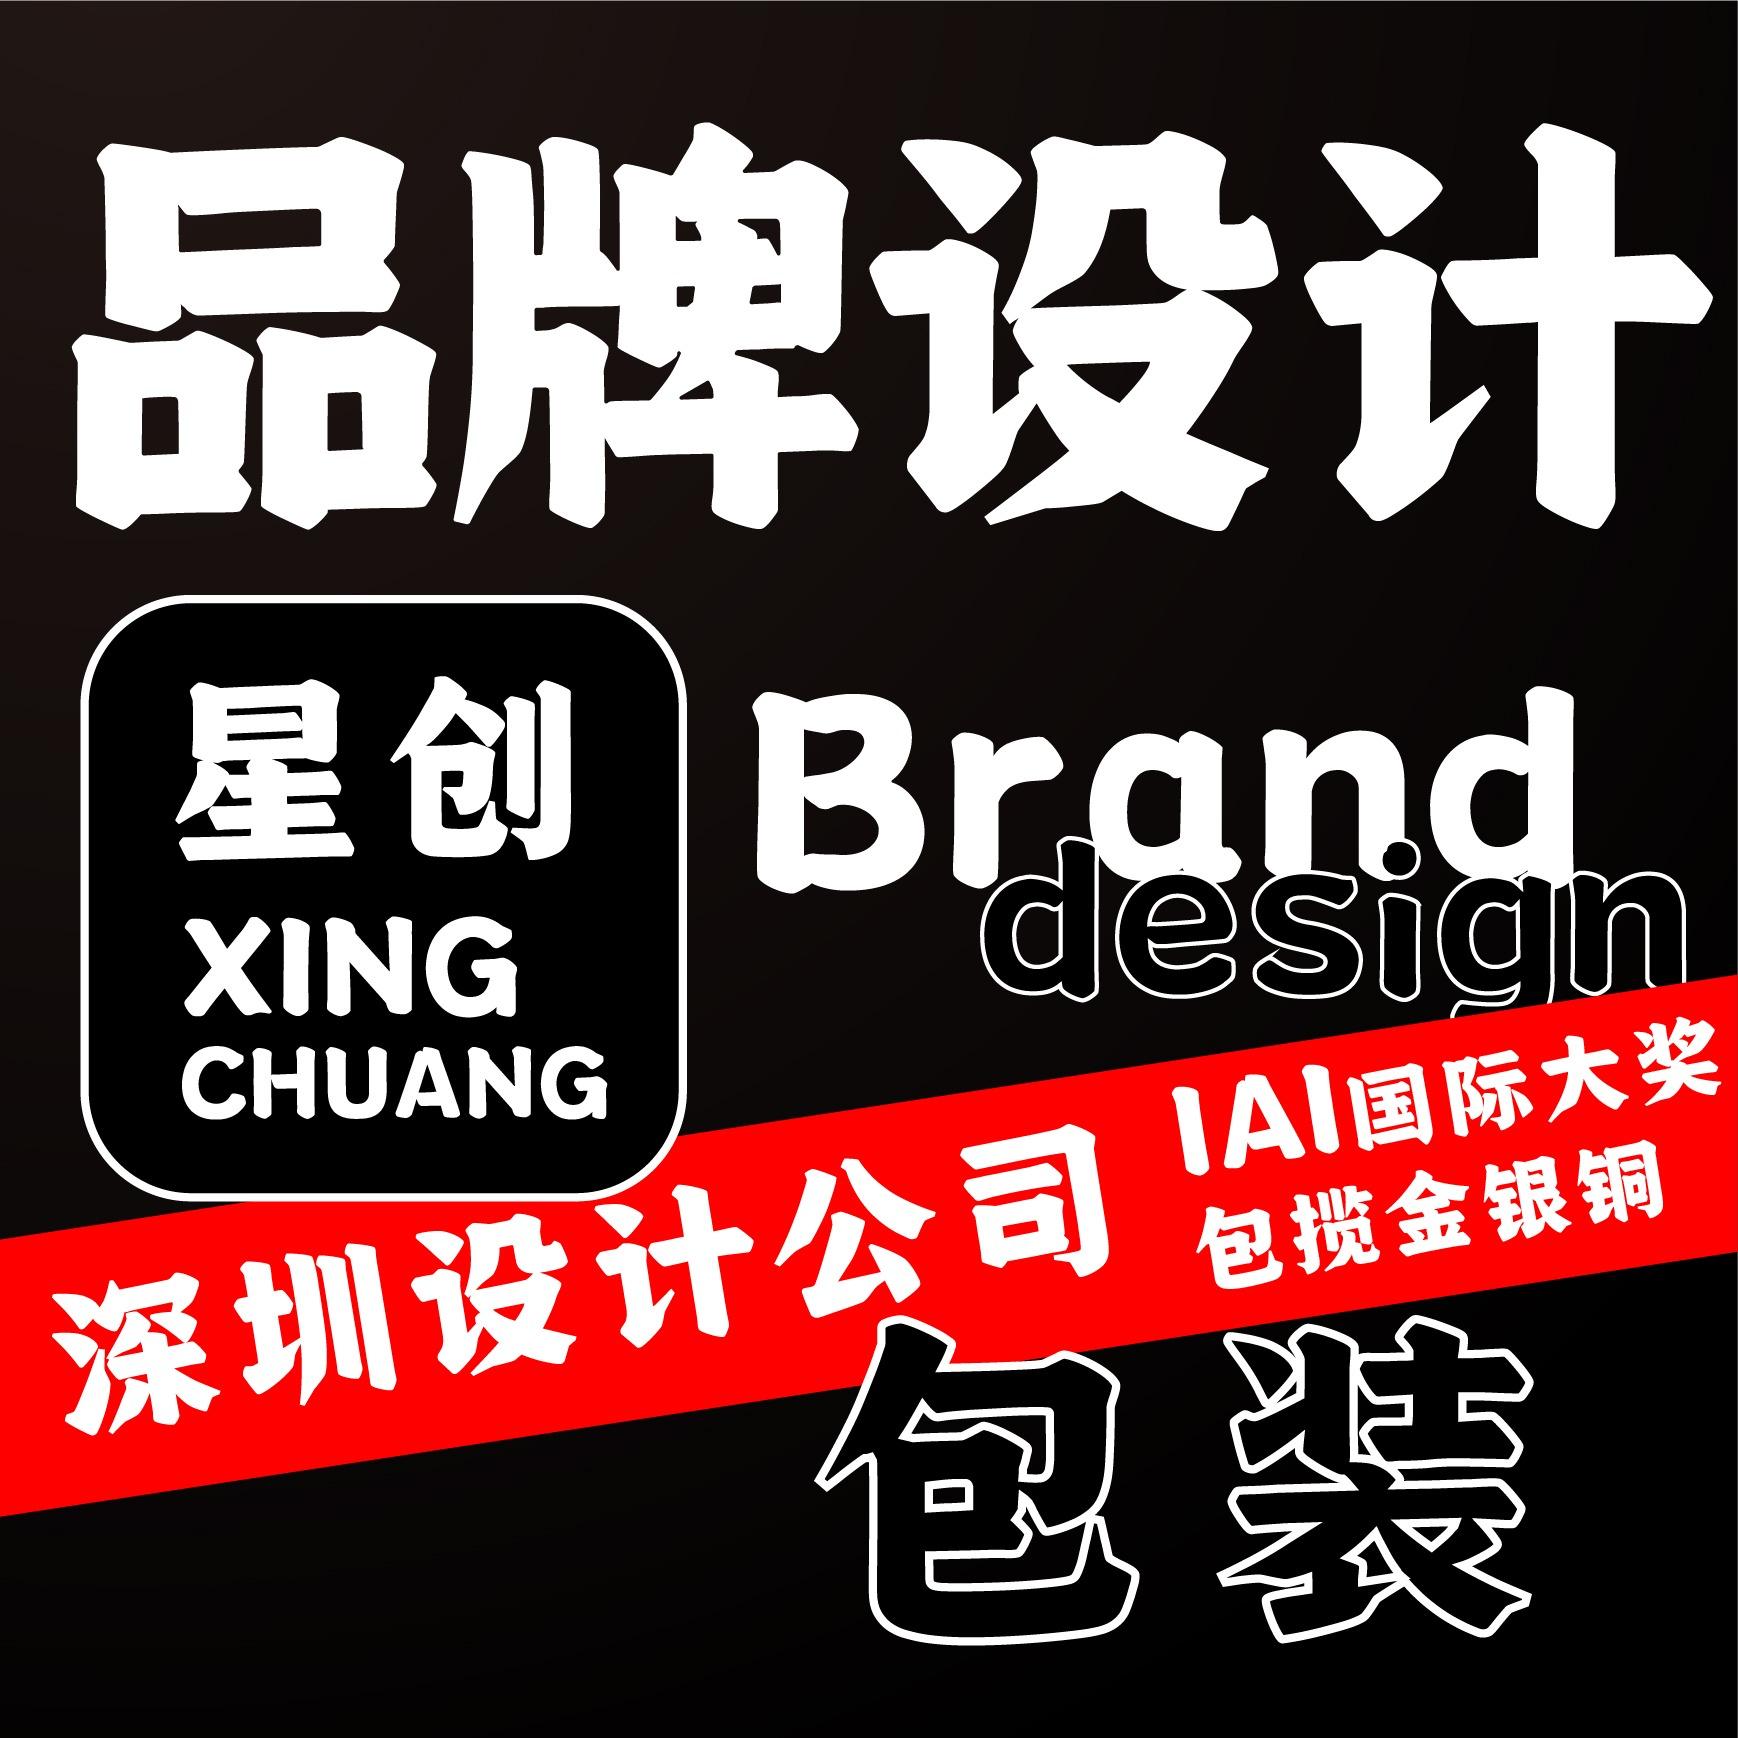 深圳包装设计 3C产品 餐饮食品 零食 礼品包装盒设计 插画